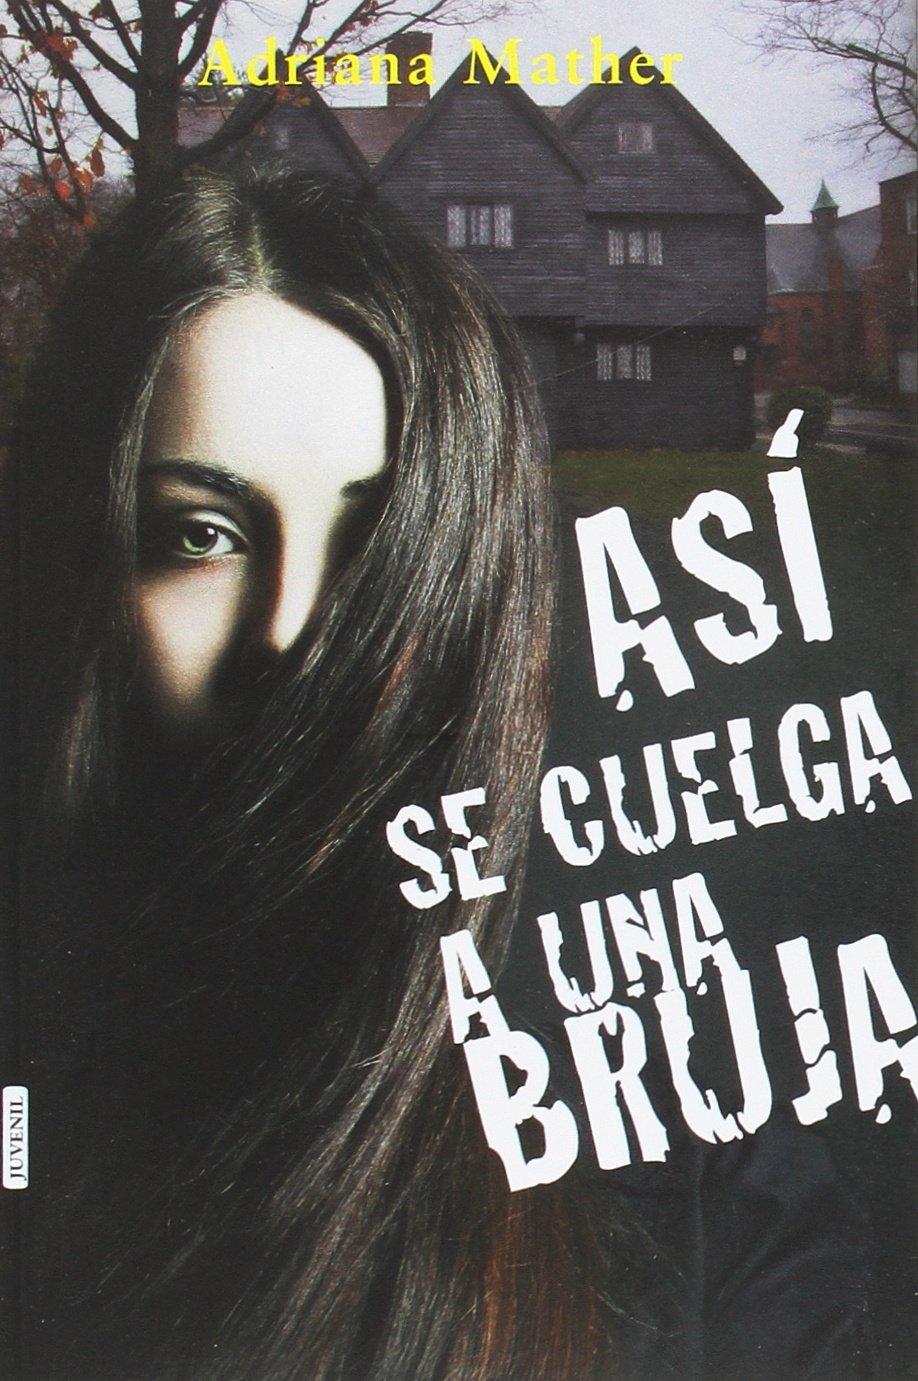 ASÍ SE CUELGA A UNA BRUJA (JUVENIL): Amazon.es: Mather, Adriana, Navarro Díaz, Natalia: Libros